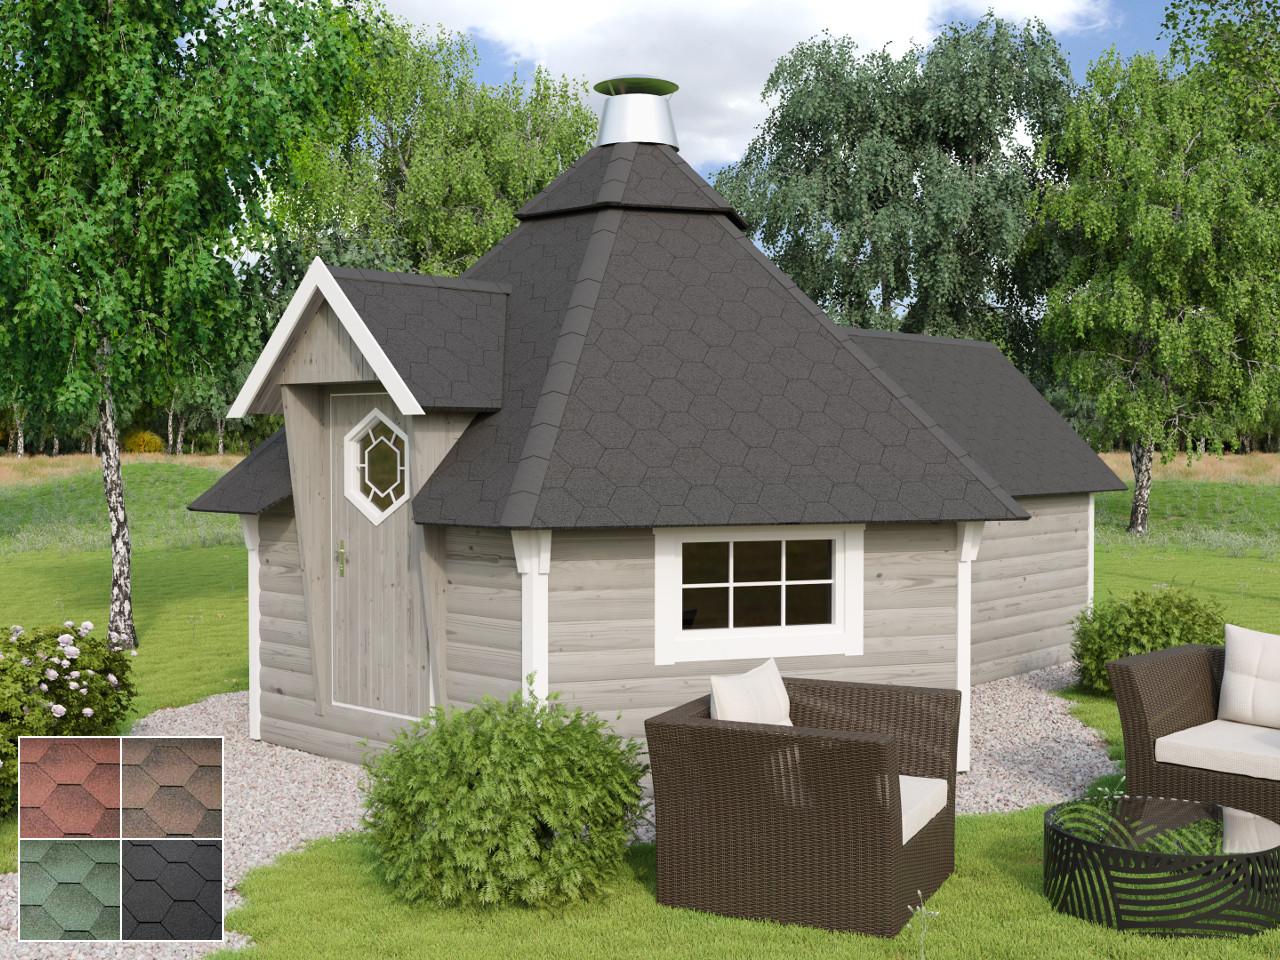 Dach 90% vorgeschindelt für Kota 12 m2 mit Anbau Modell Finnland